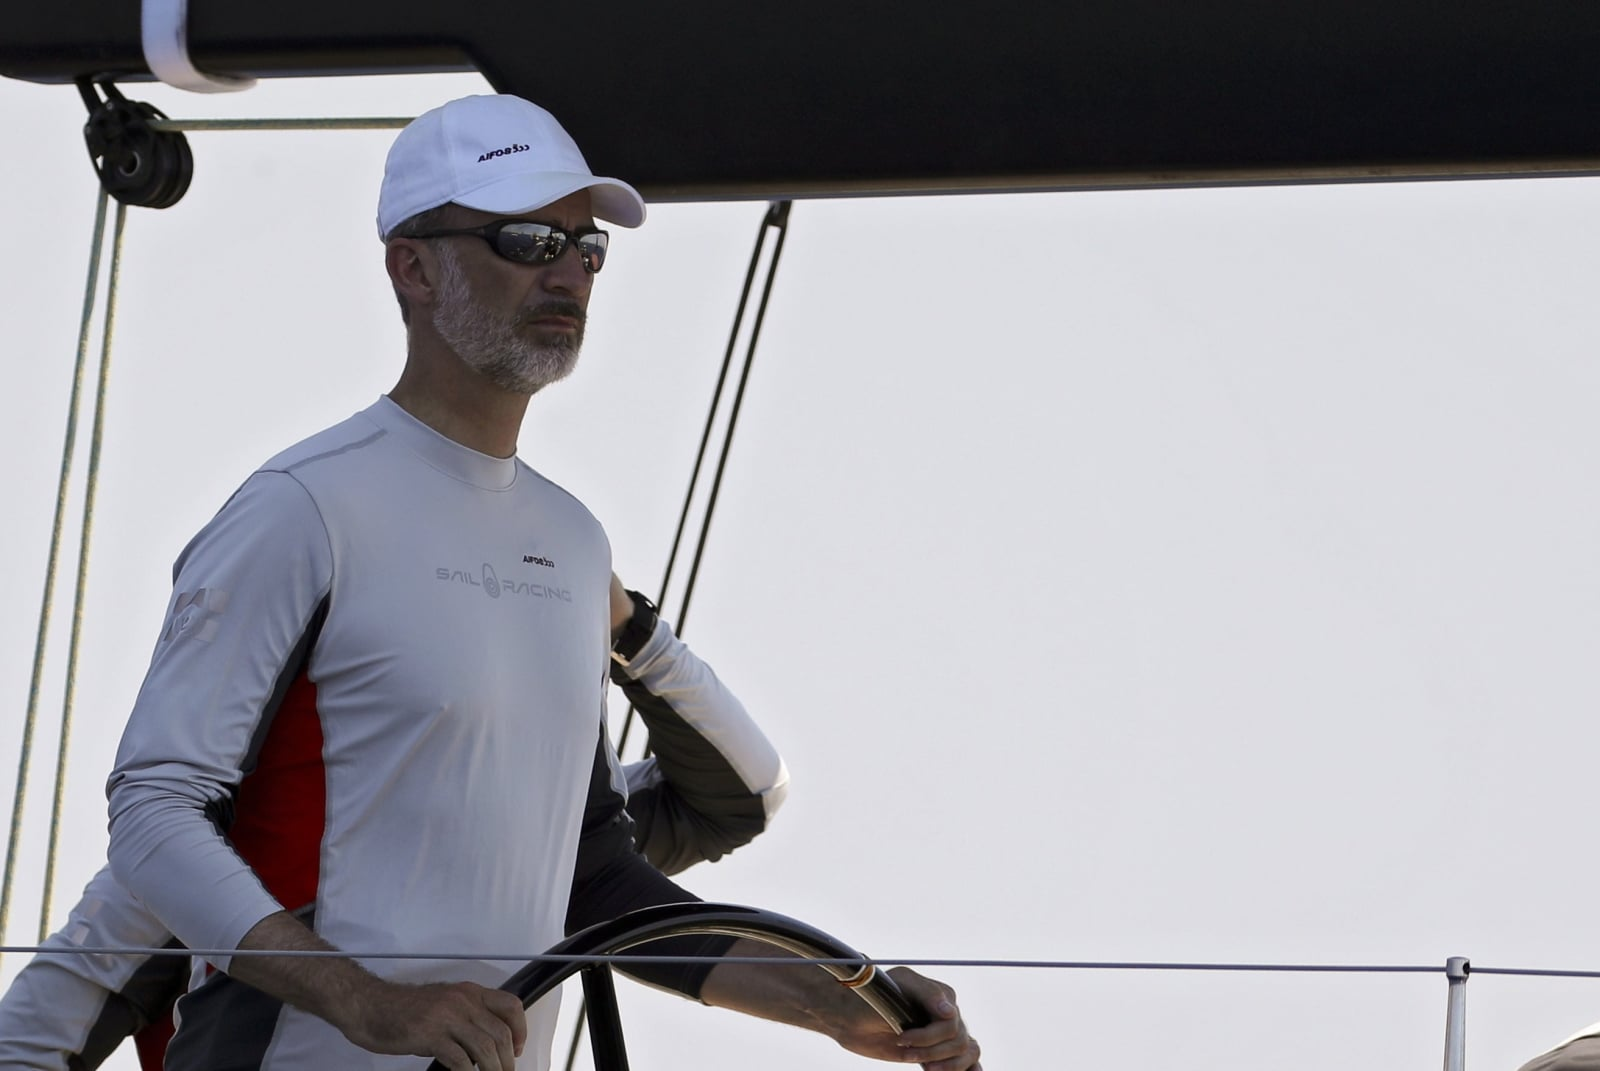 Hiszpański król Filip VI na pokładzie statku Aifos 500 podczas trzeciego dnia wyścigów żeglarskich 37. Pucharu Króla, na Majorce, we wschodniej Hiszpanii, fot. EPA/BALLESTEROS